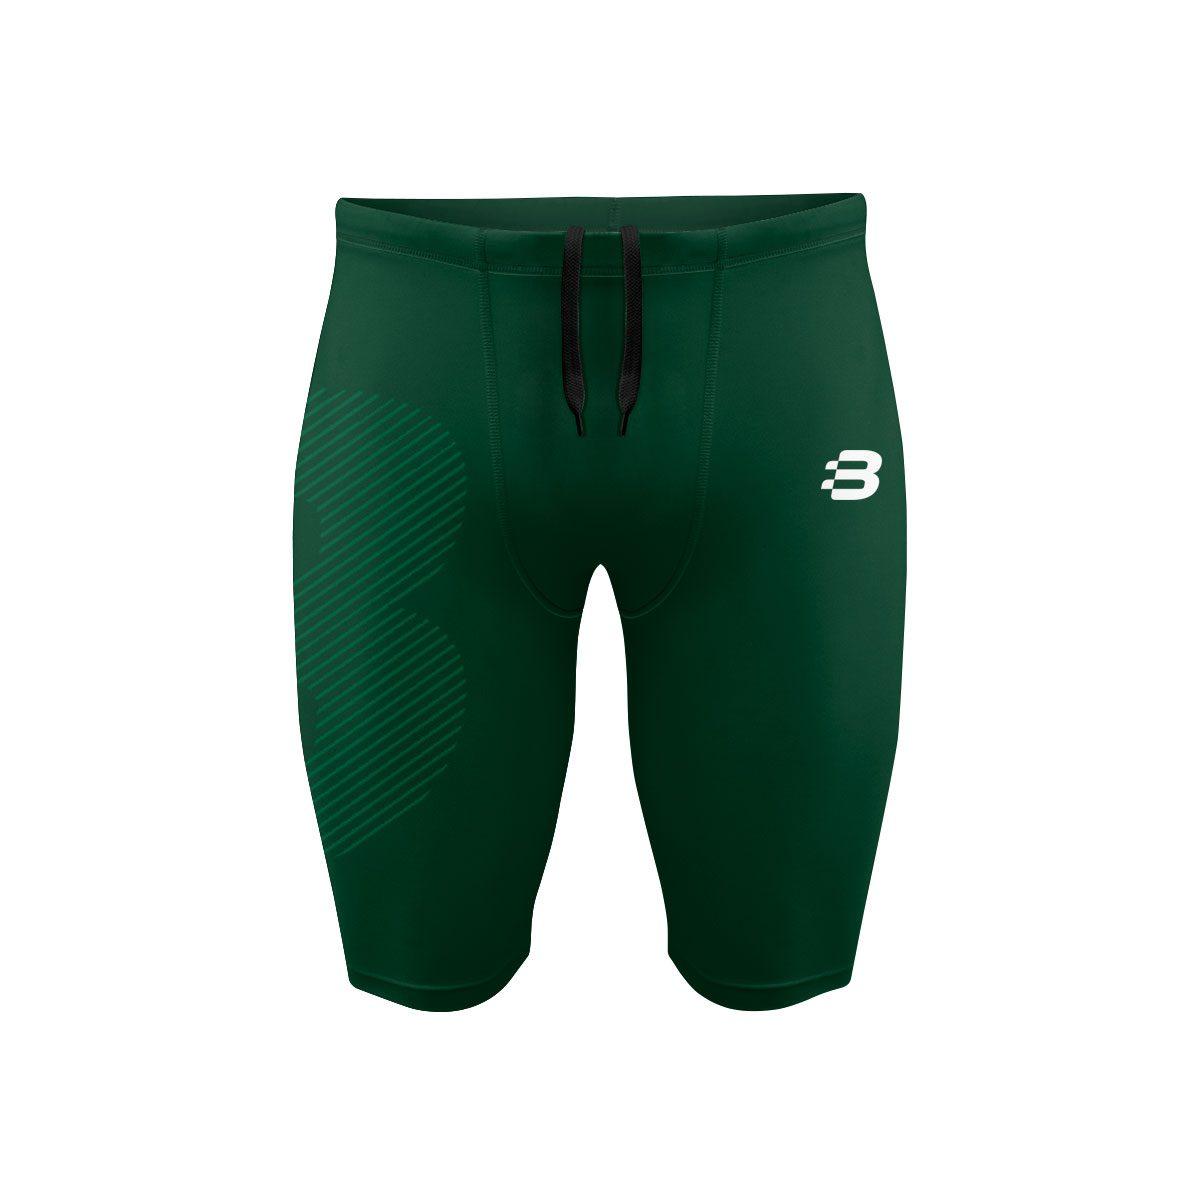 Mens Compression Shorts - Green